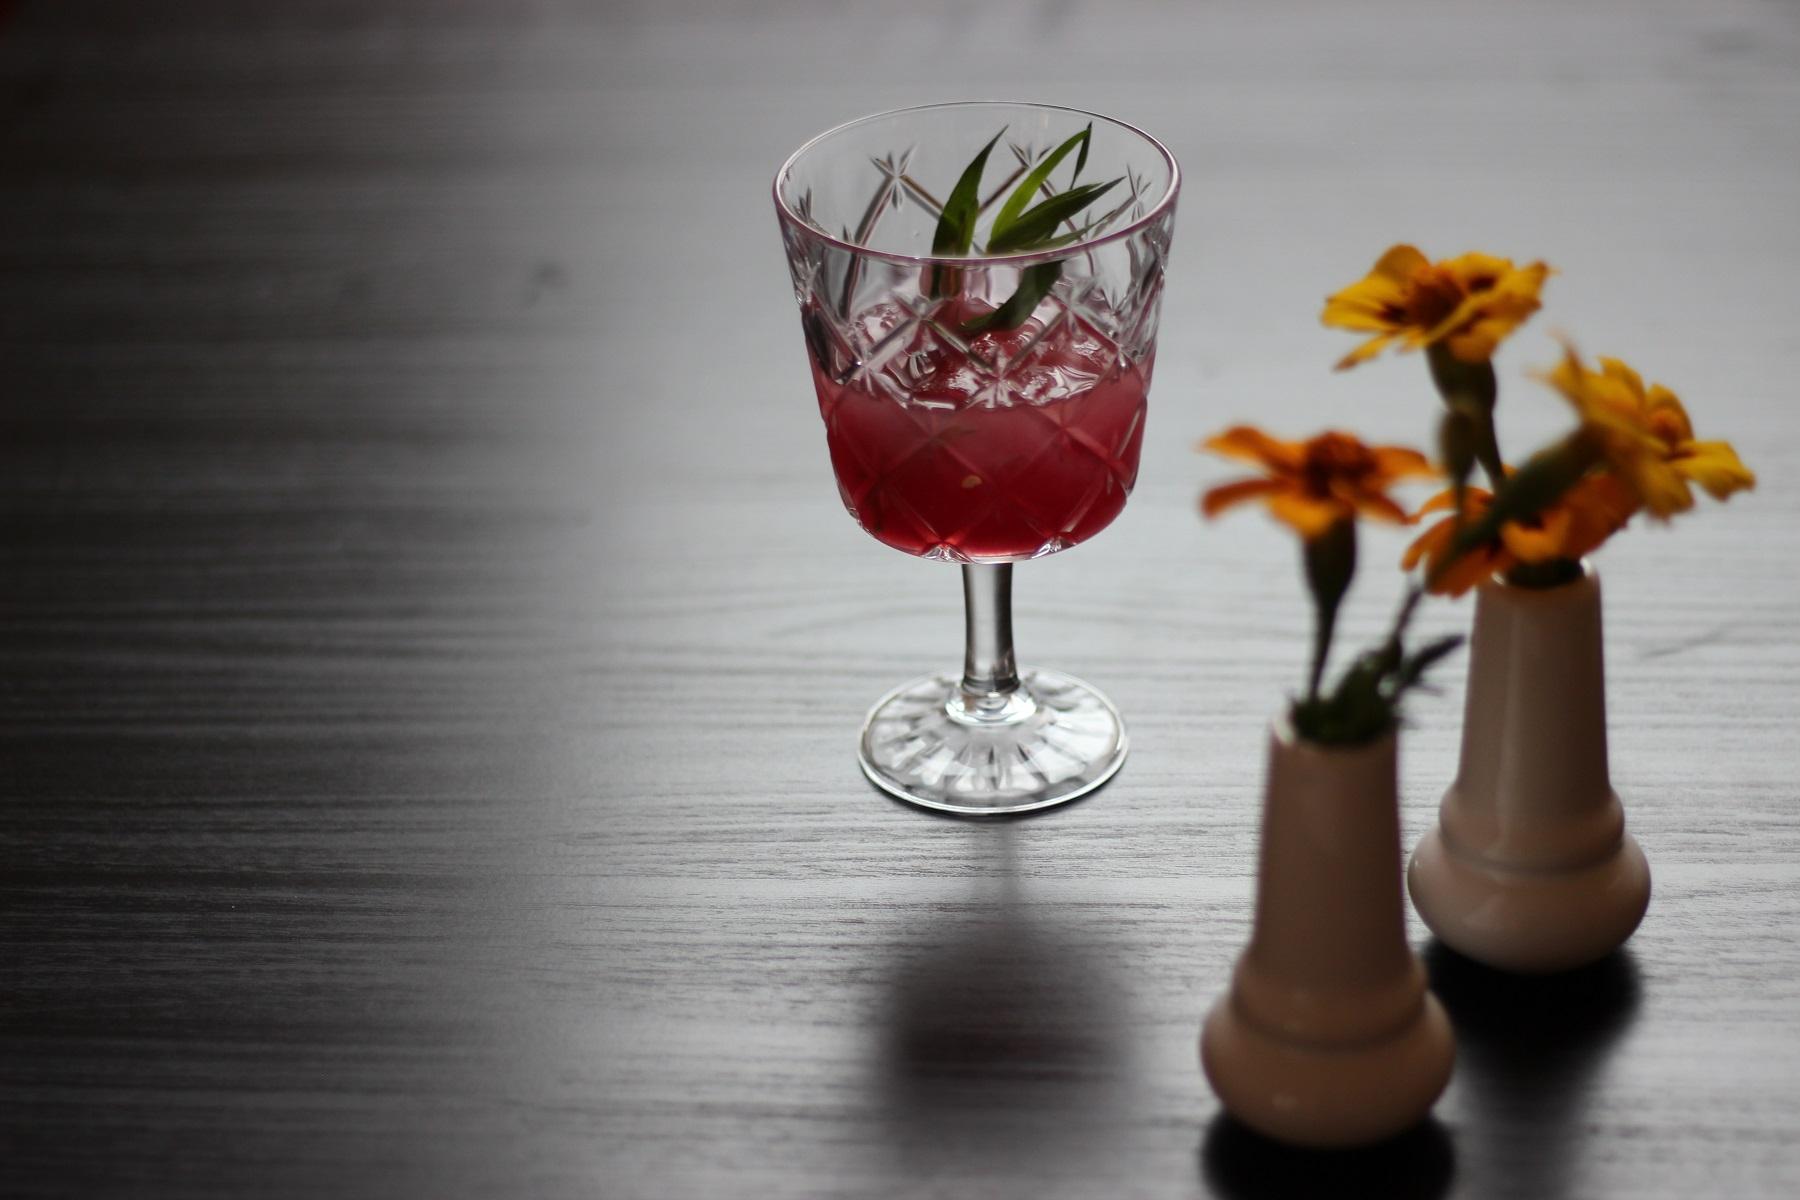 Das perfekte Dinner - Aperitif Cherry-Gin mit Estragon